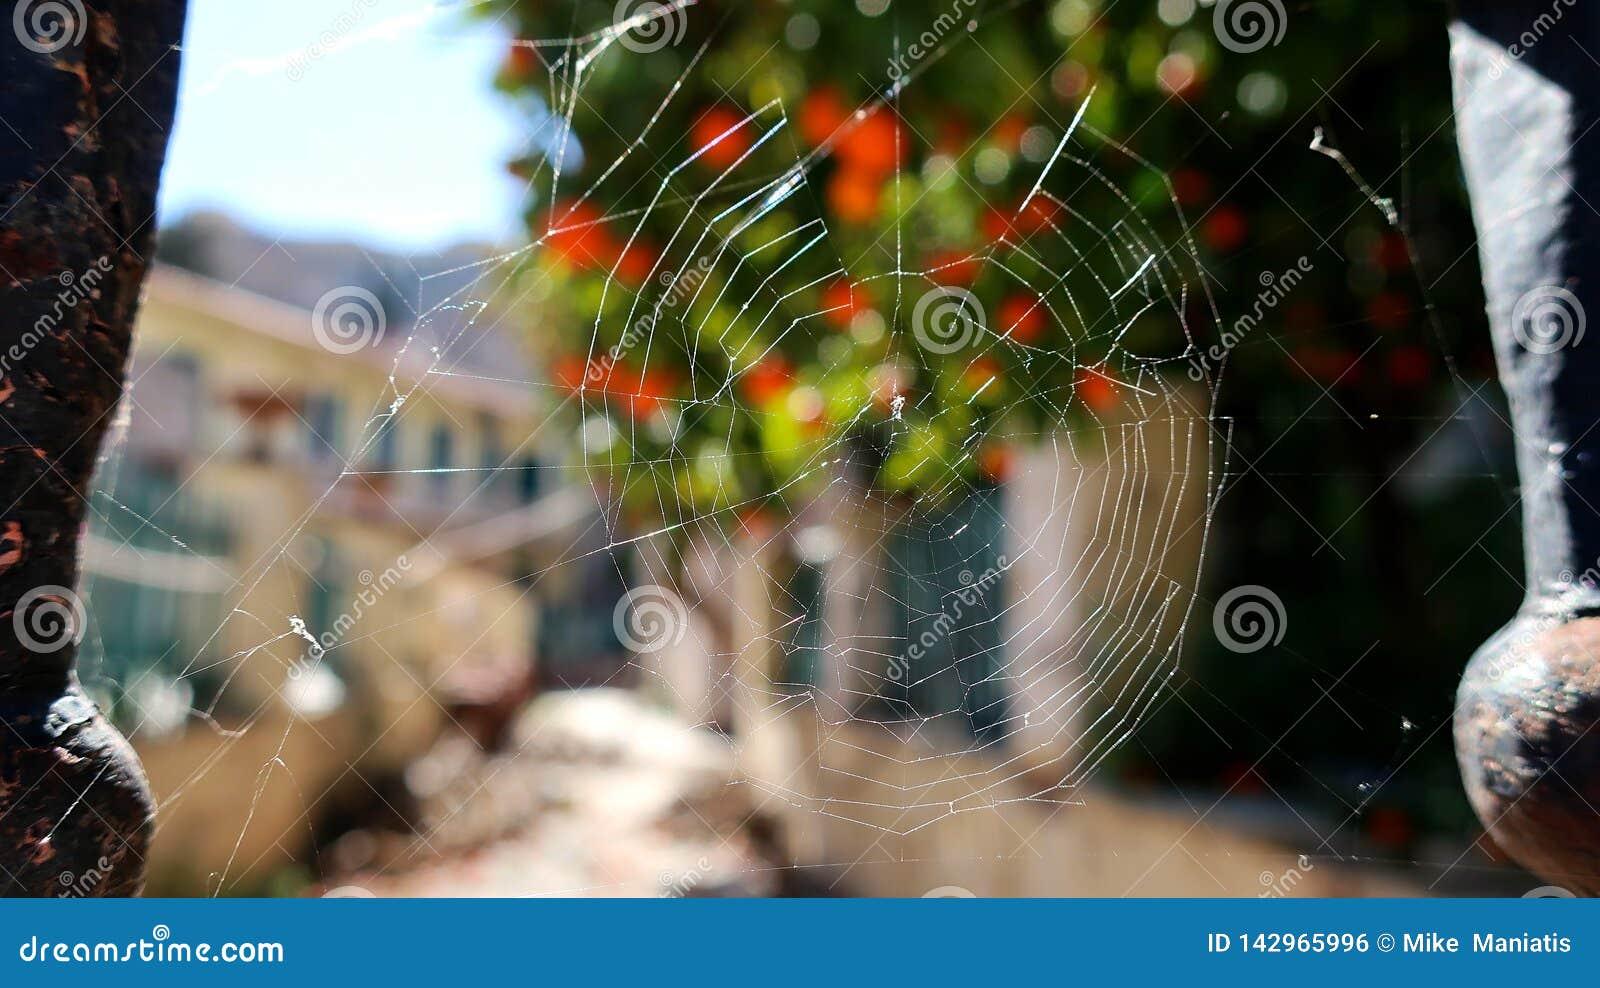 Web de aranhas em portas Rusty Banister